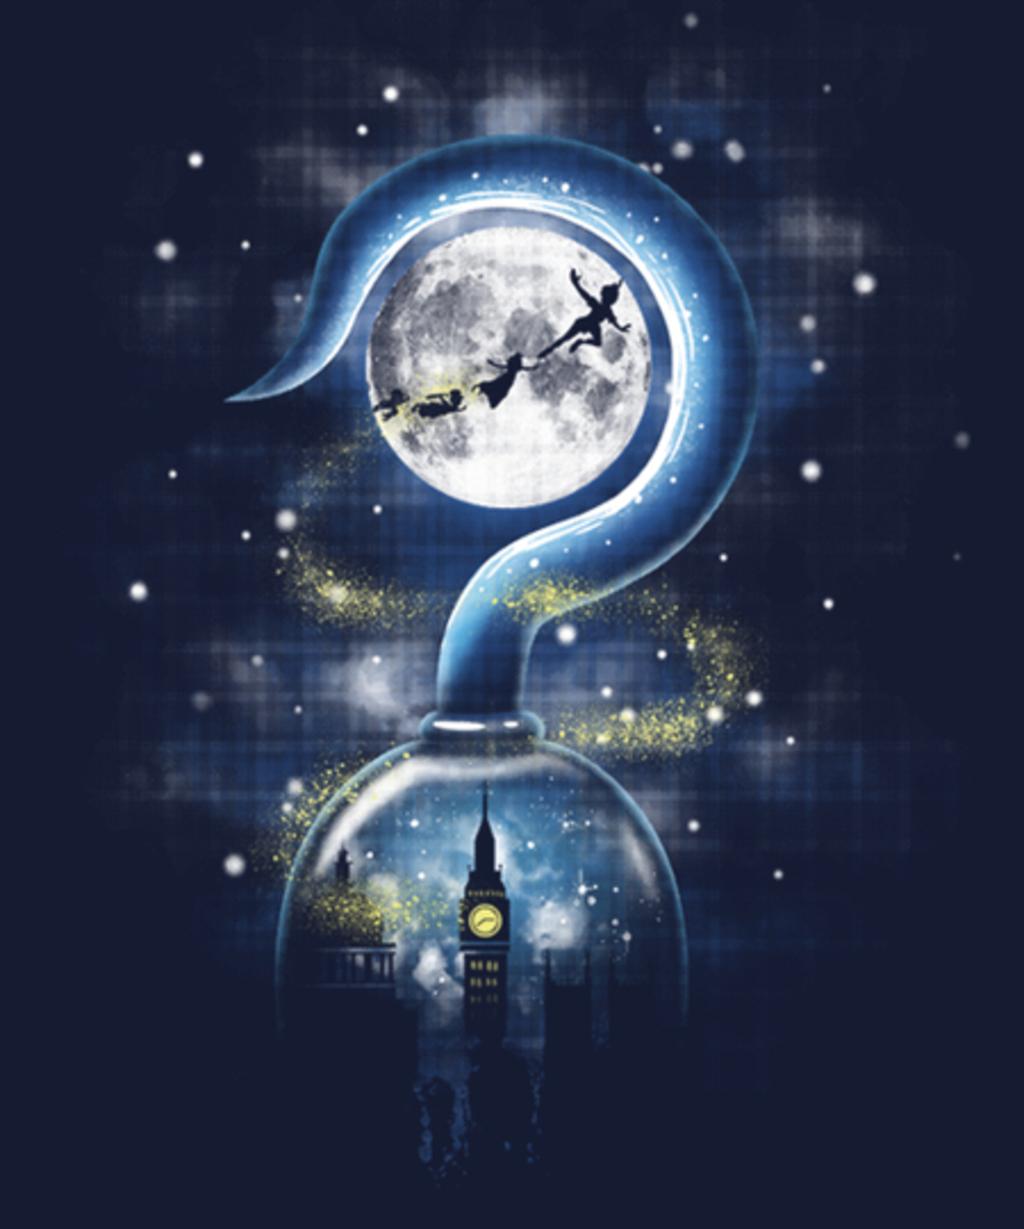 Qwertee: Sky Hook